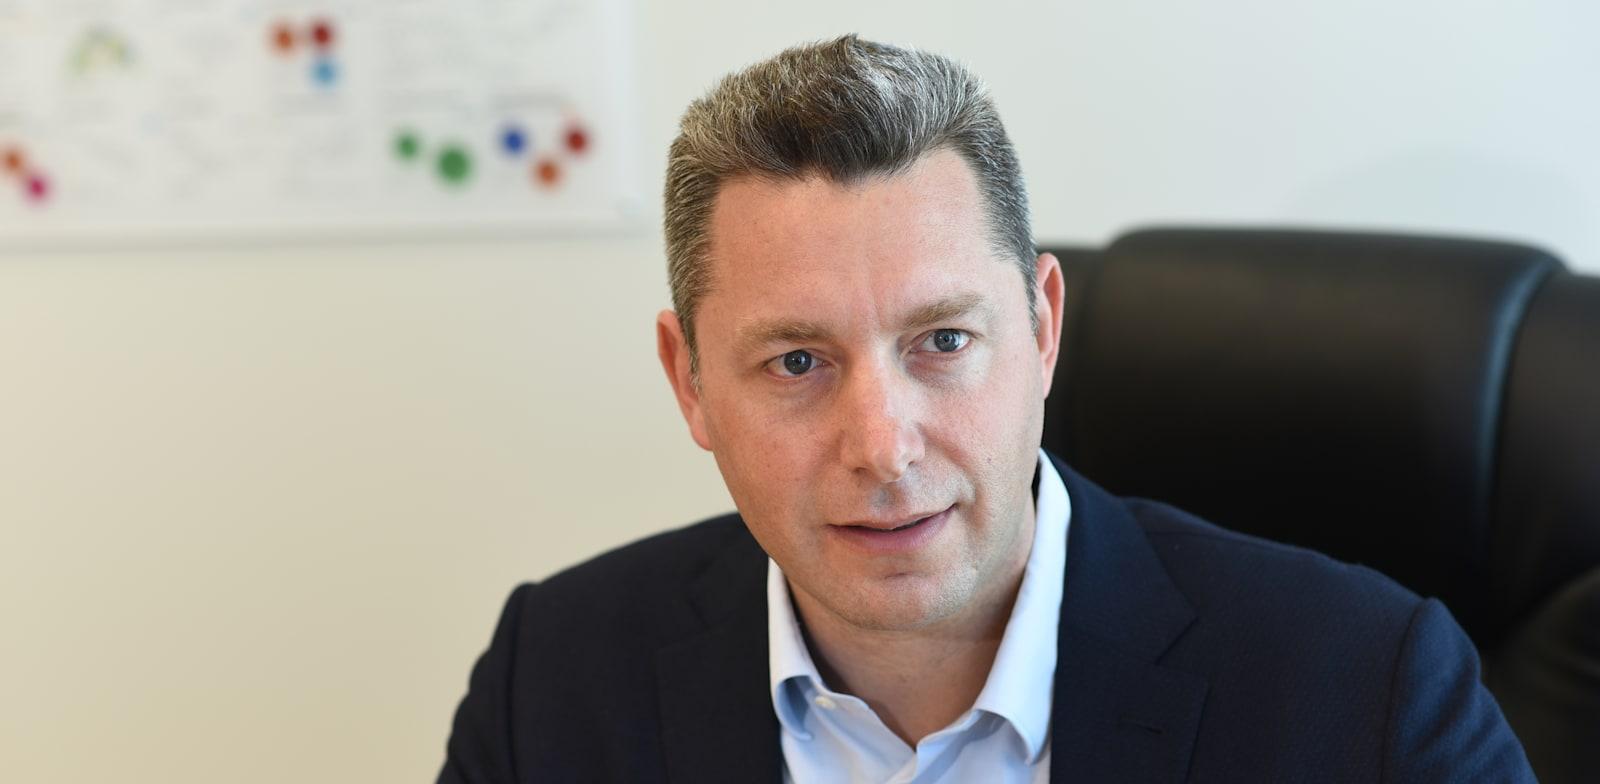 """עופר גונן, מנכ""""ל כת""""ב תעשיות ביוטכנולוגיות / צילום: ערן לביא"""